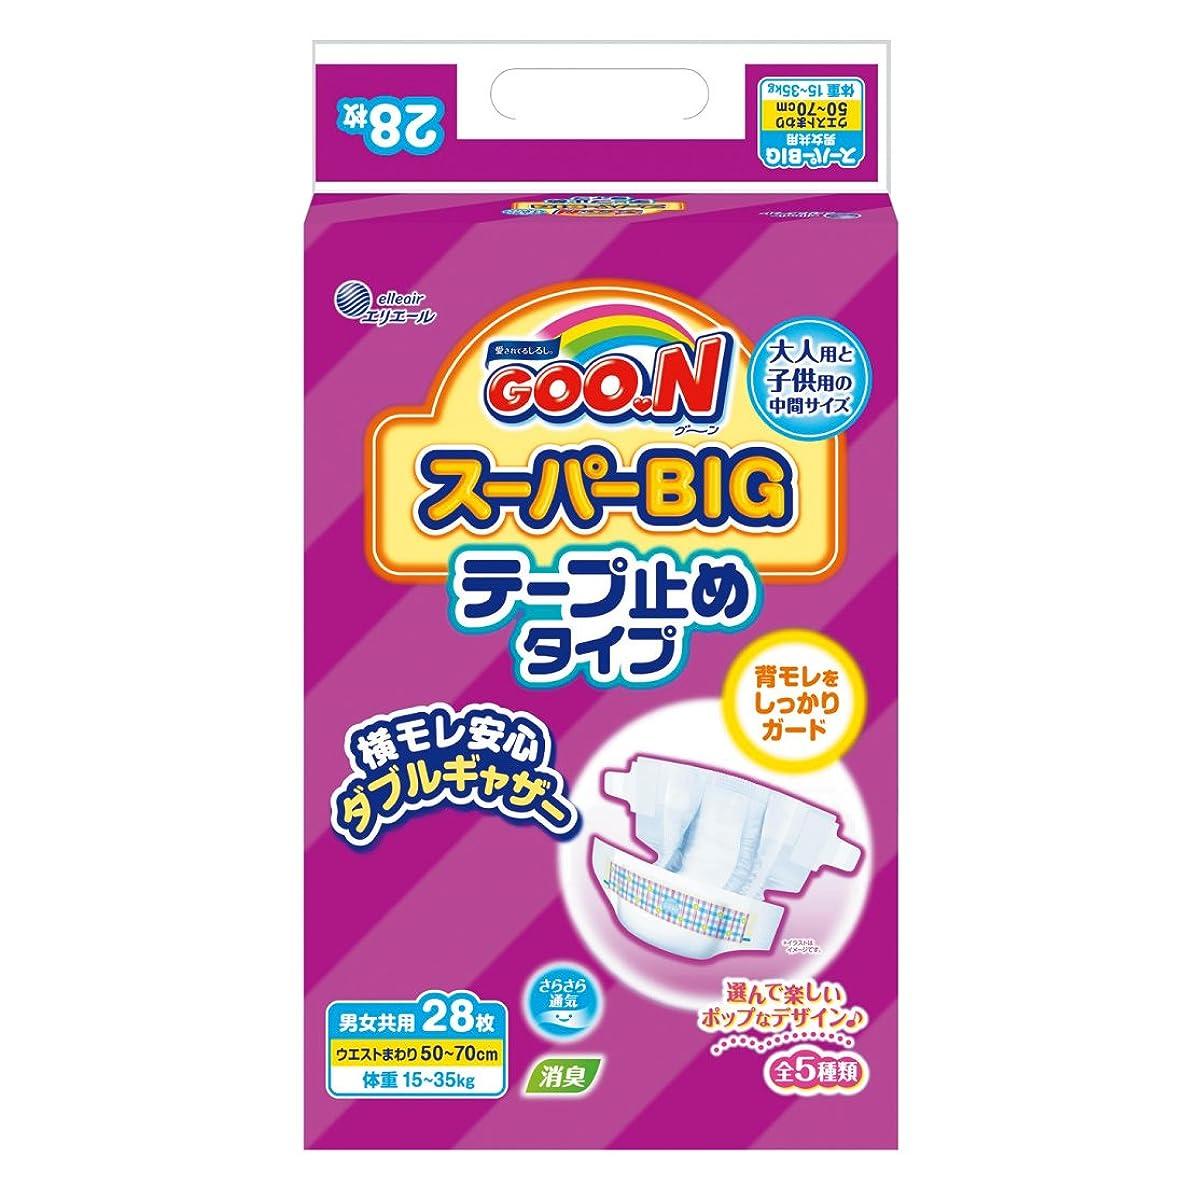 連結する冷蔵庫少年グーン スーパーBIG テープ止めタイプ (15~35kg) 28枚